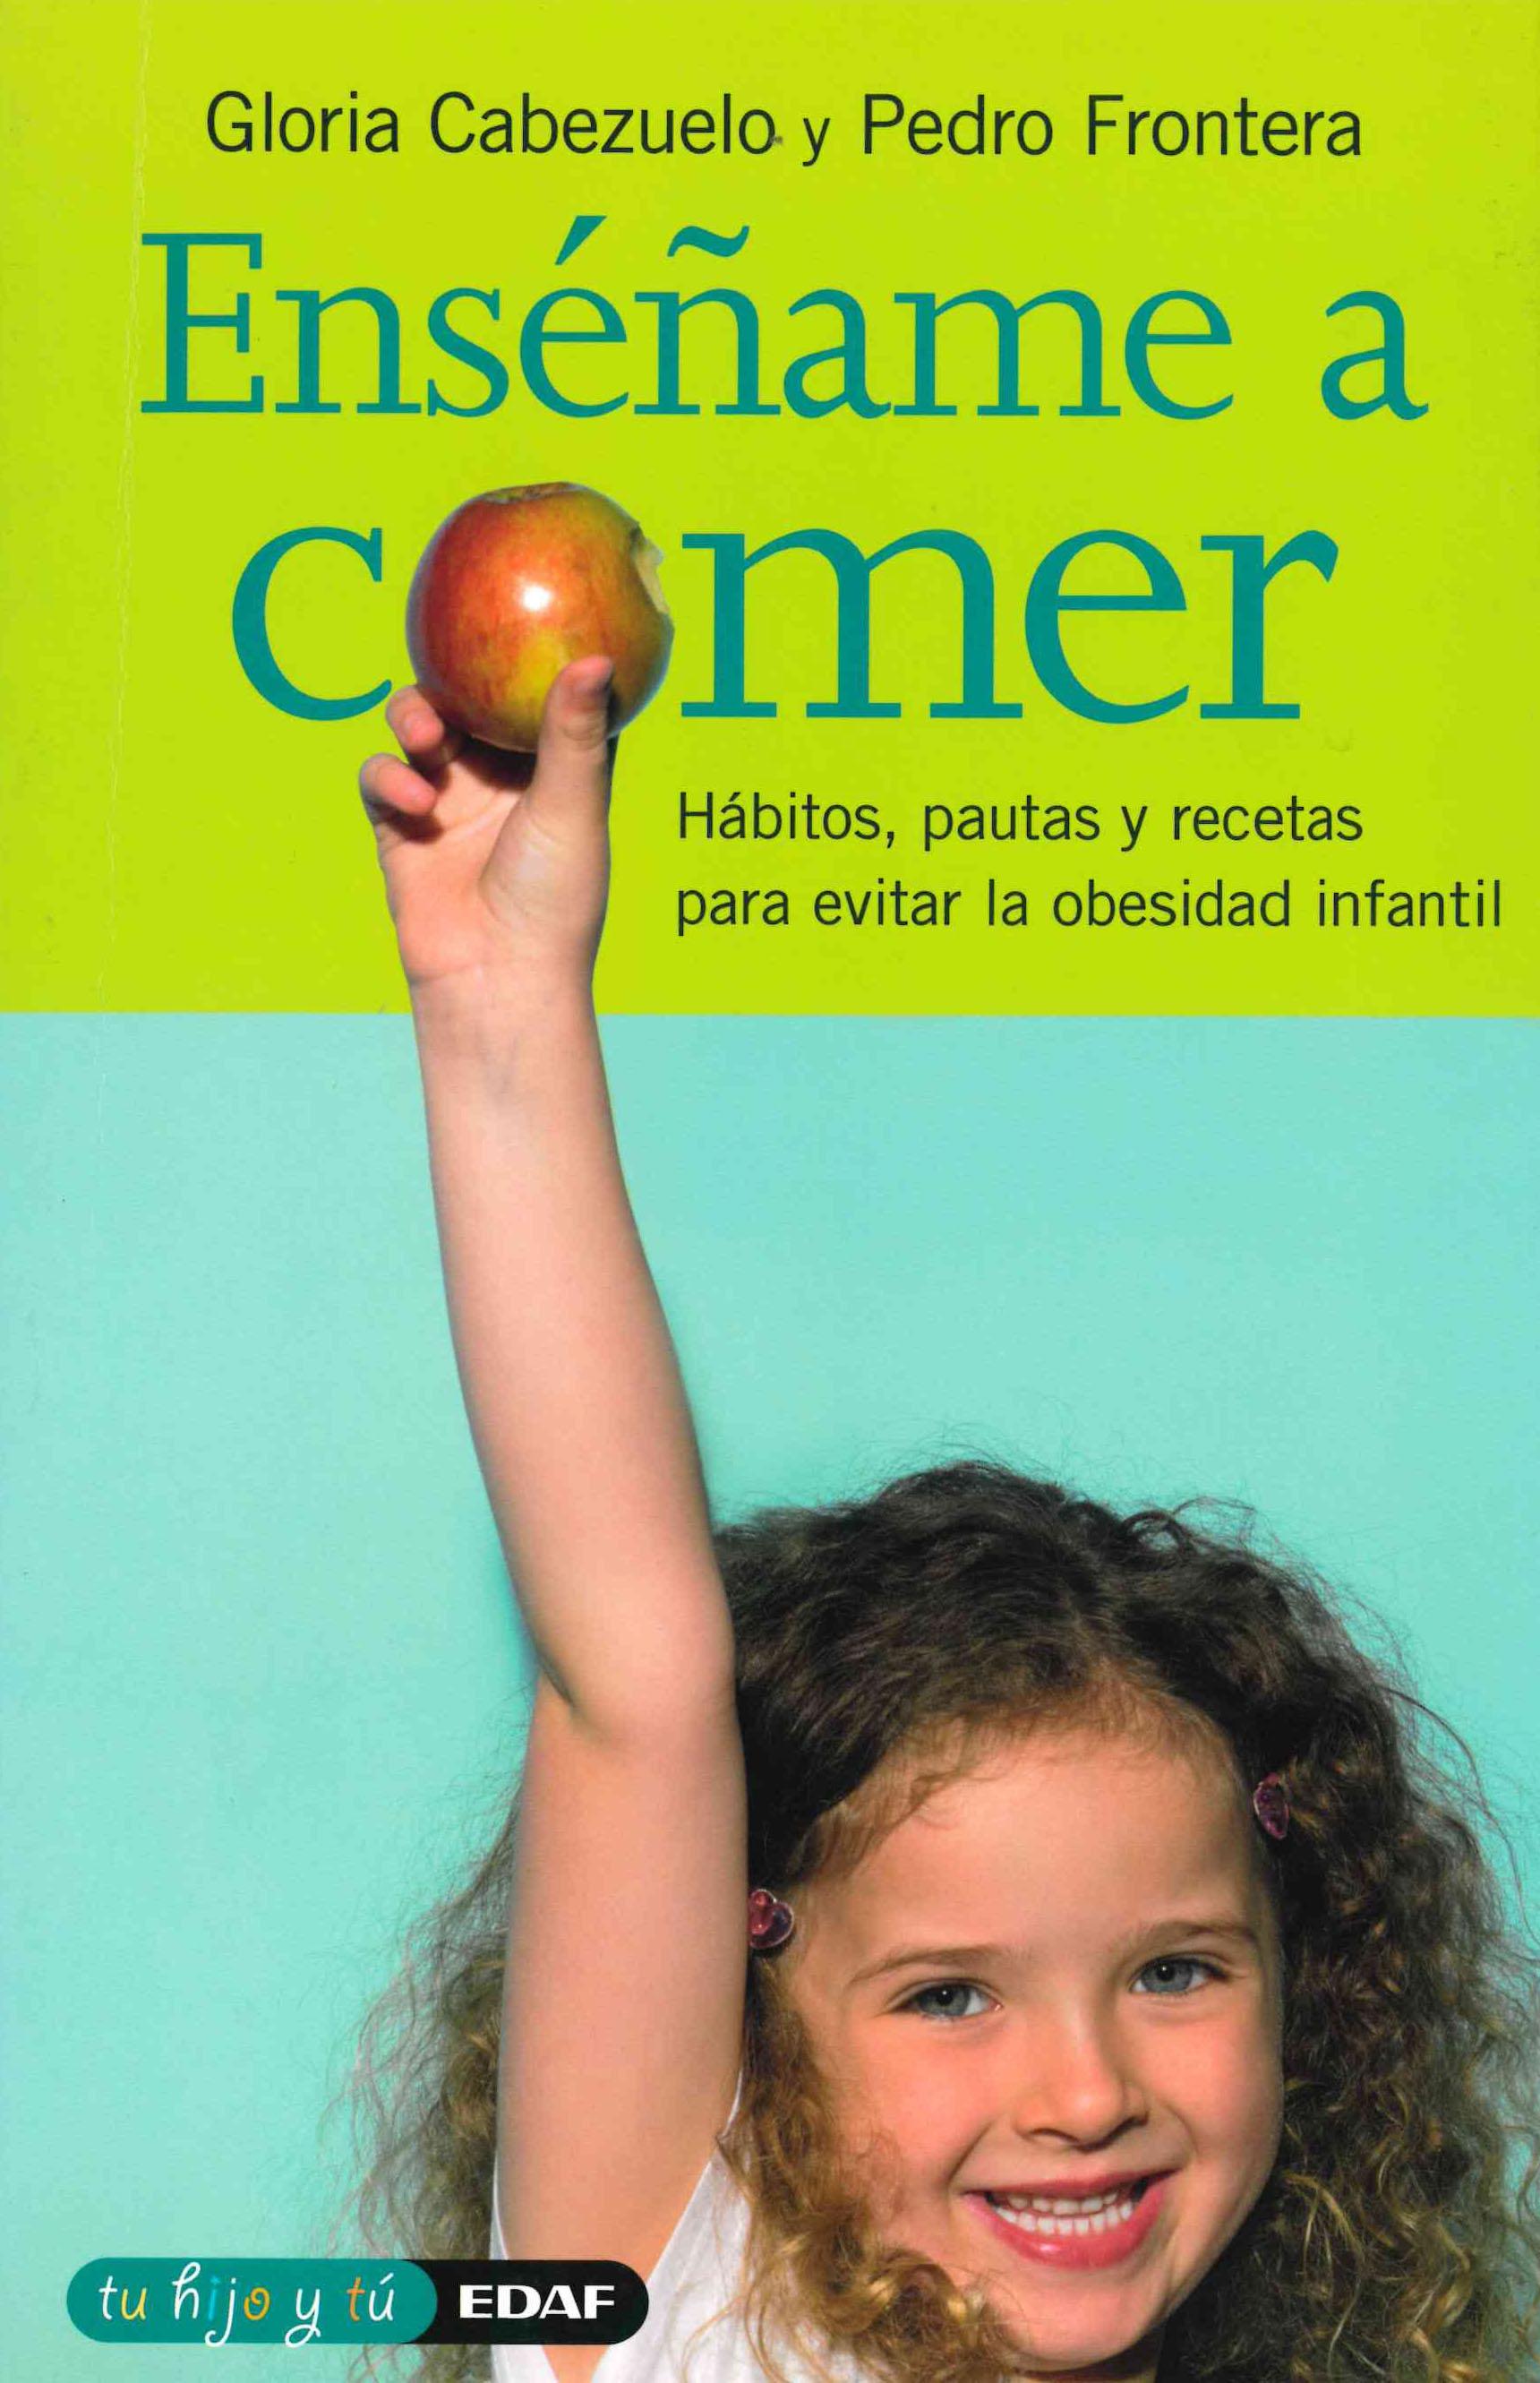 Enseñame A Comer: Habitos, Pautas Y Recetas Para Evitar La Obesid Ad Infantil por Pedro Frontera;                                                                                    Gloria Cabezuelo